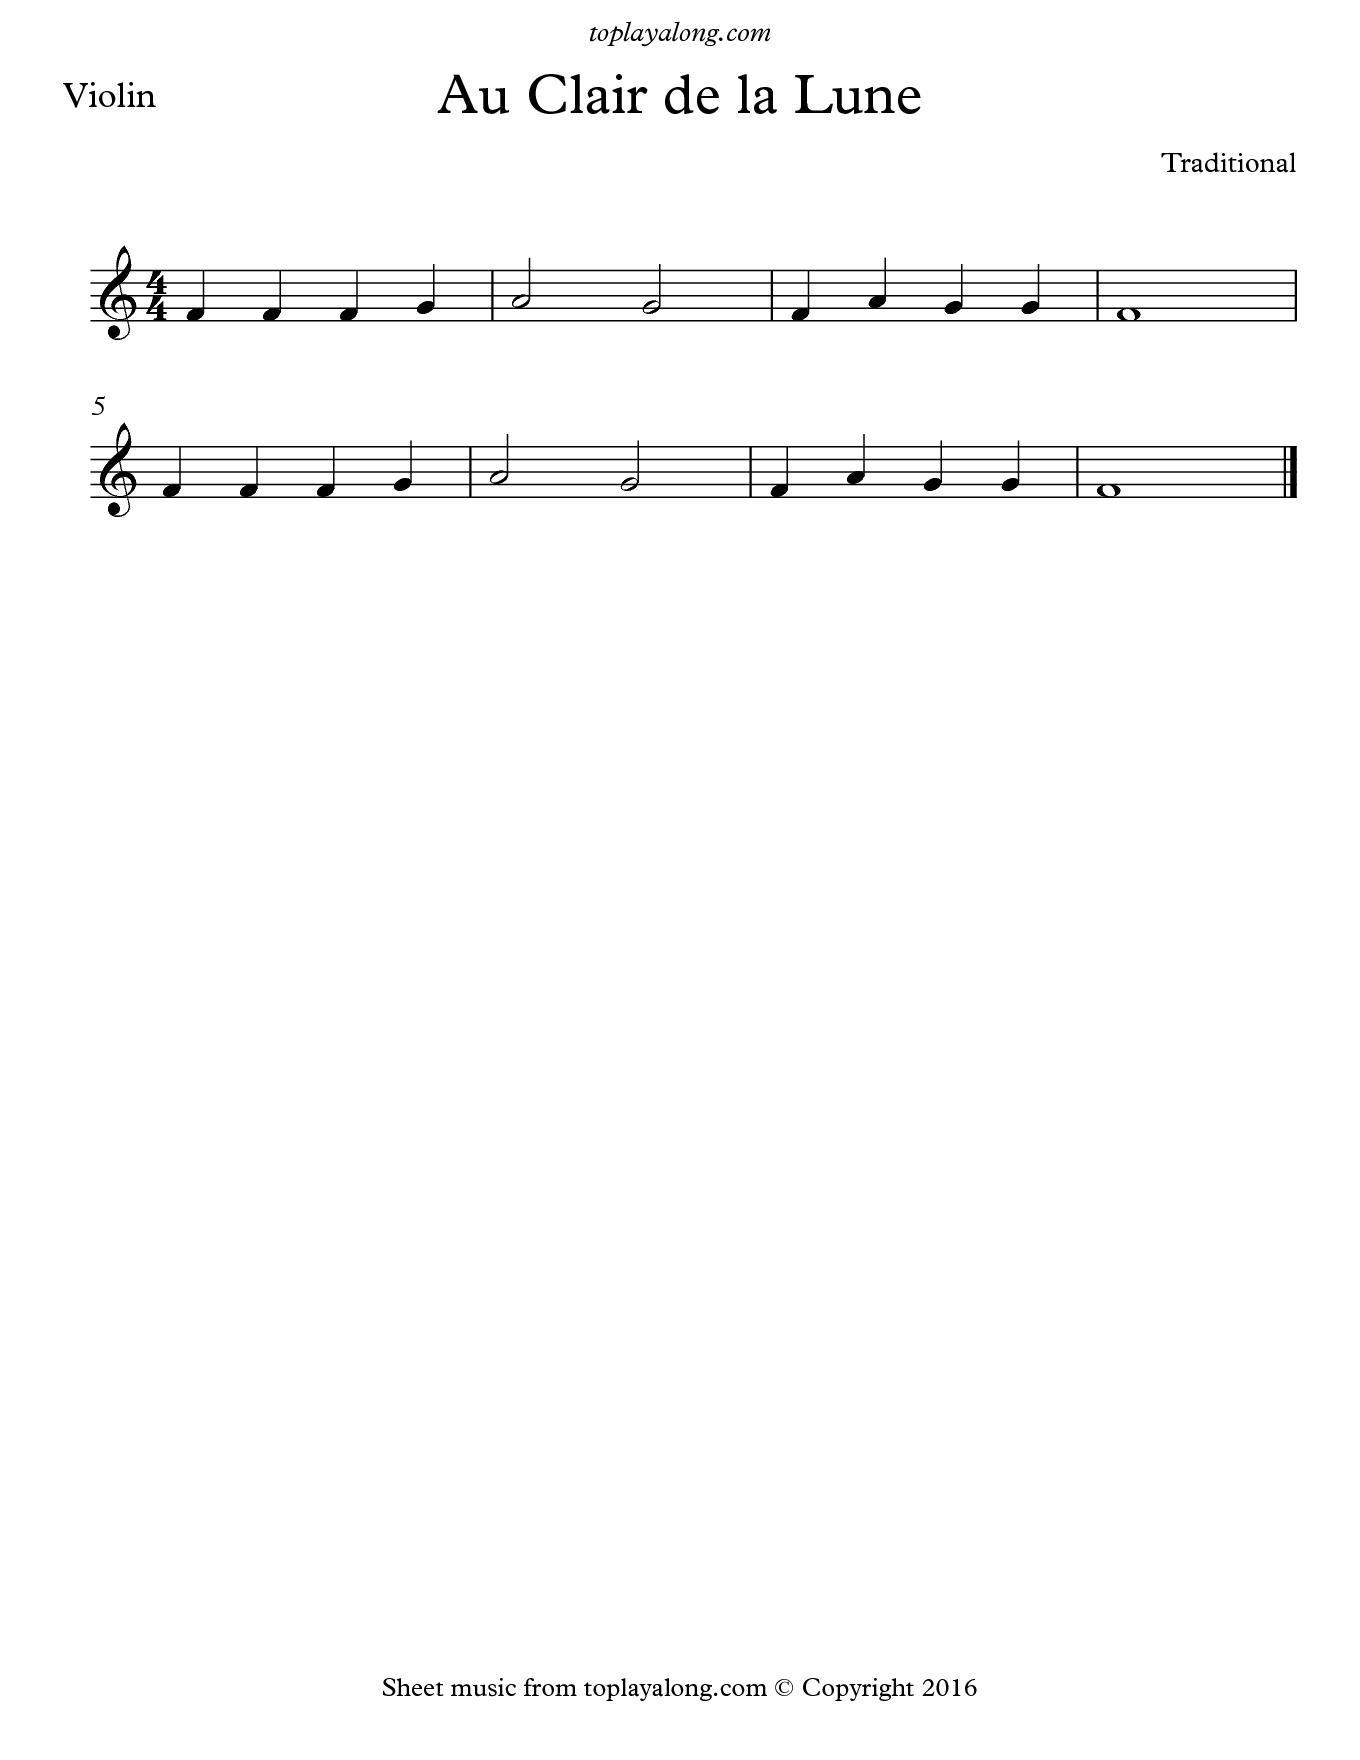 Au Clair de la Lune  Free sheet music for violin  Visit toplayalong